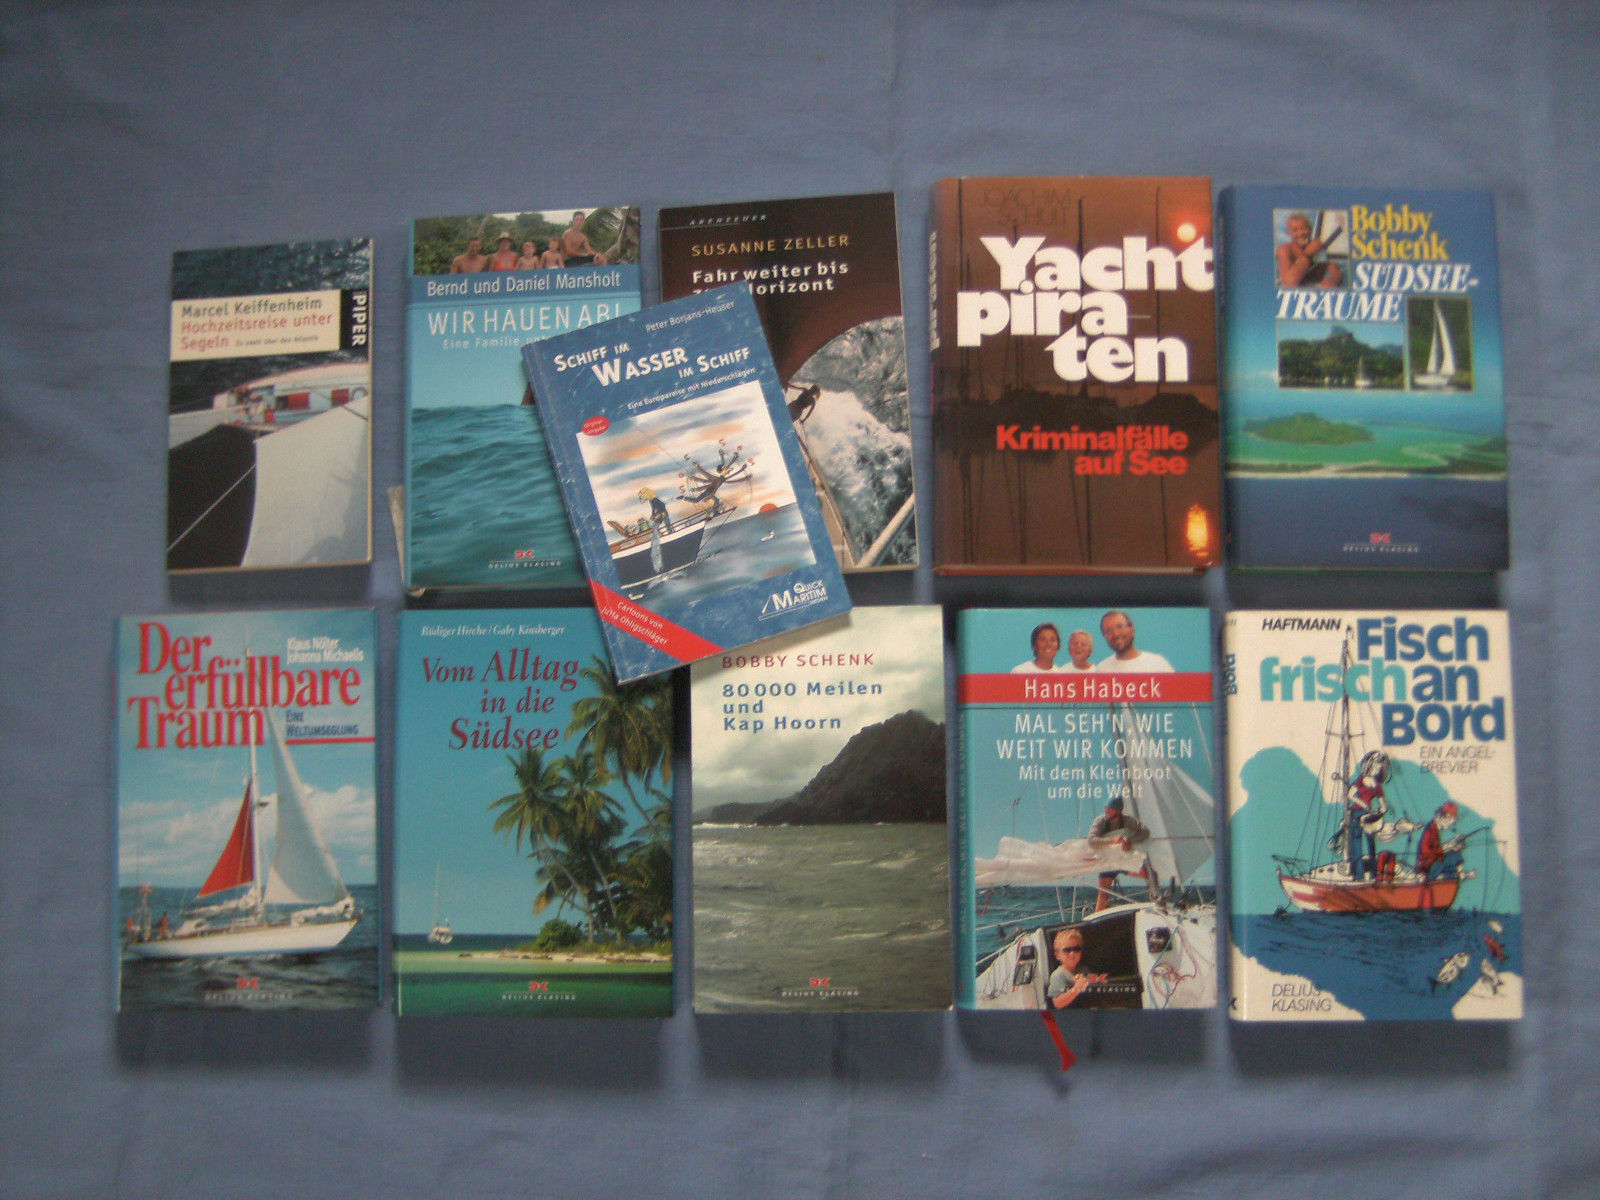 Segelbücher von Bobby Schenk, Keiffenheim, Zeller, Mansholt, Schult, Habeck